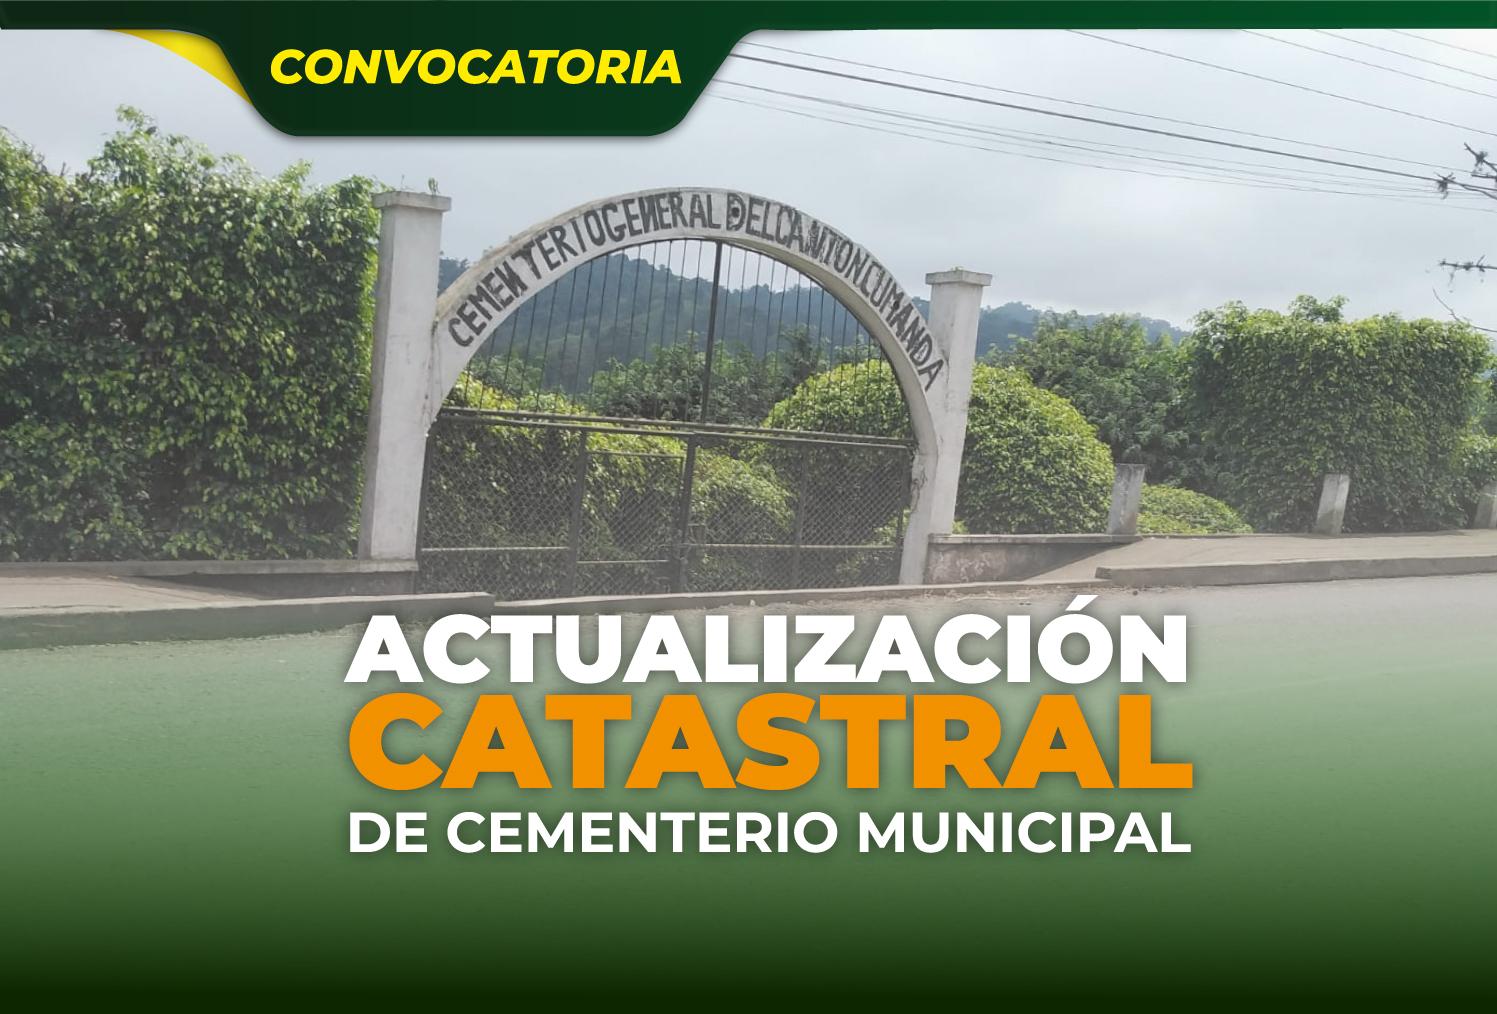 ACTUALIZACIÓN CATASTRAL DE CEMENTERIO MUNICIPAL